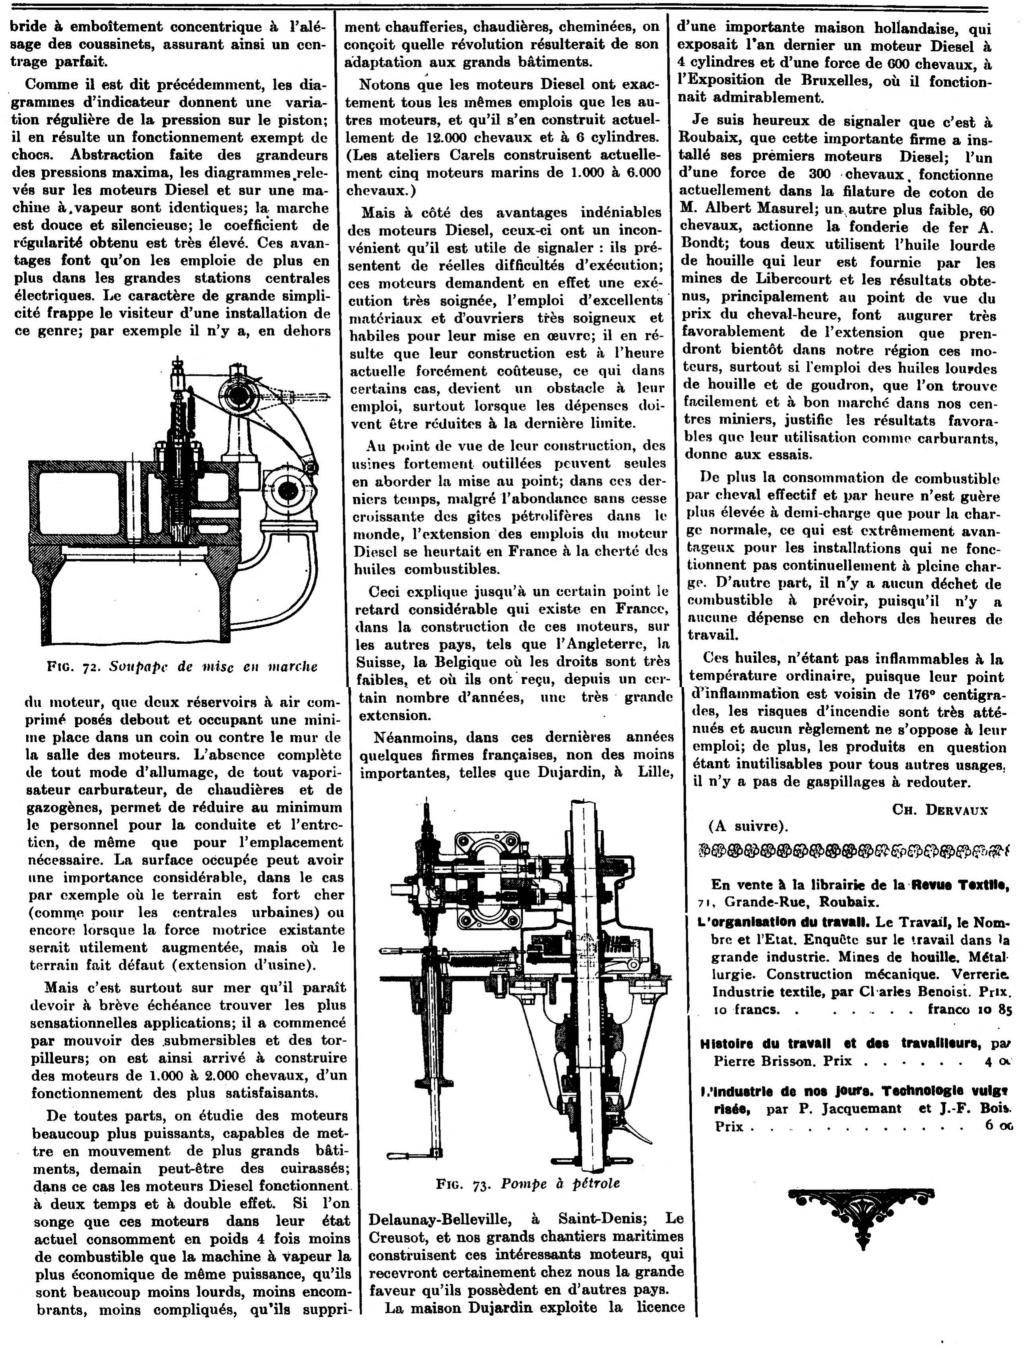 Les moteurs industriels: article de 1913 1640